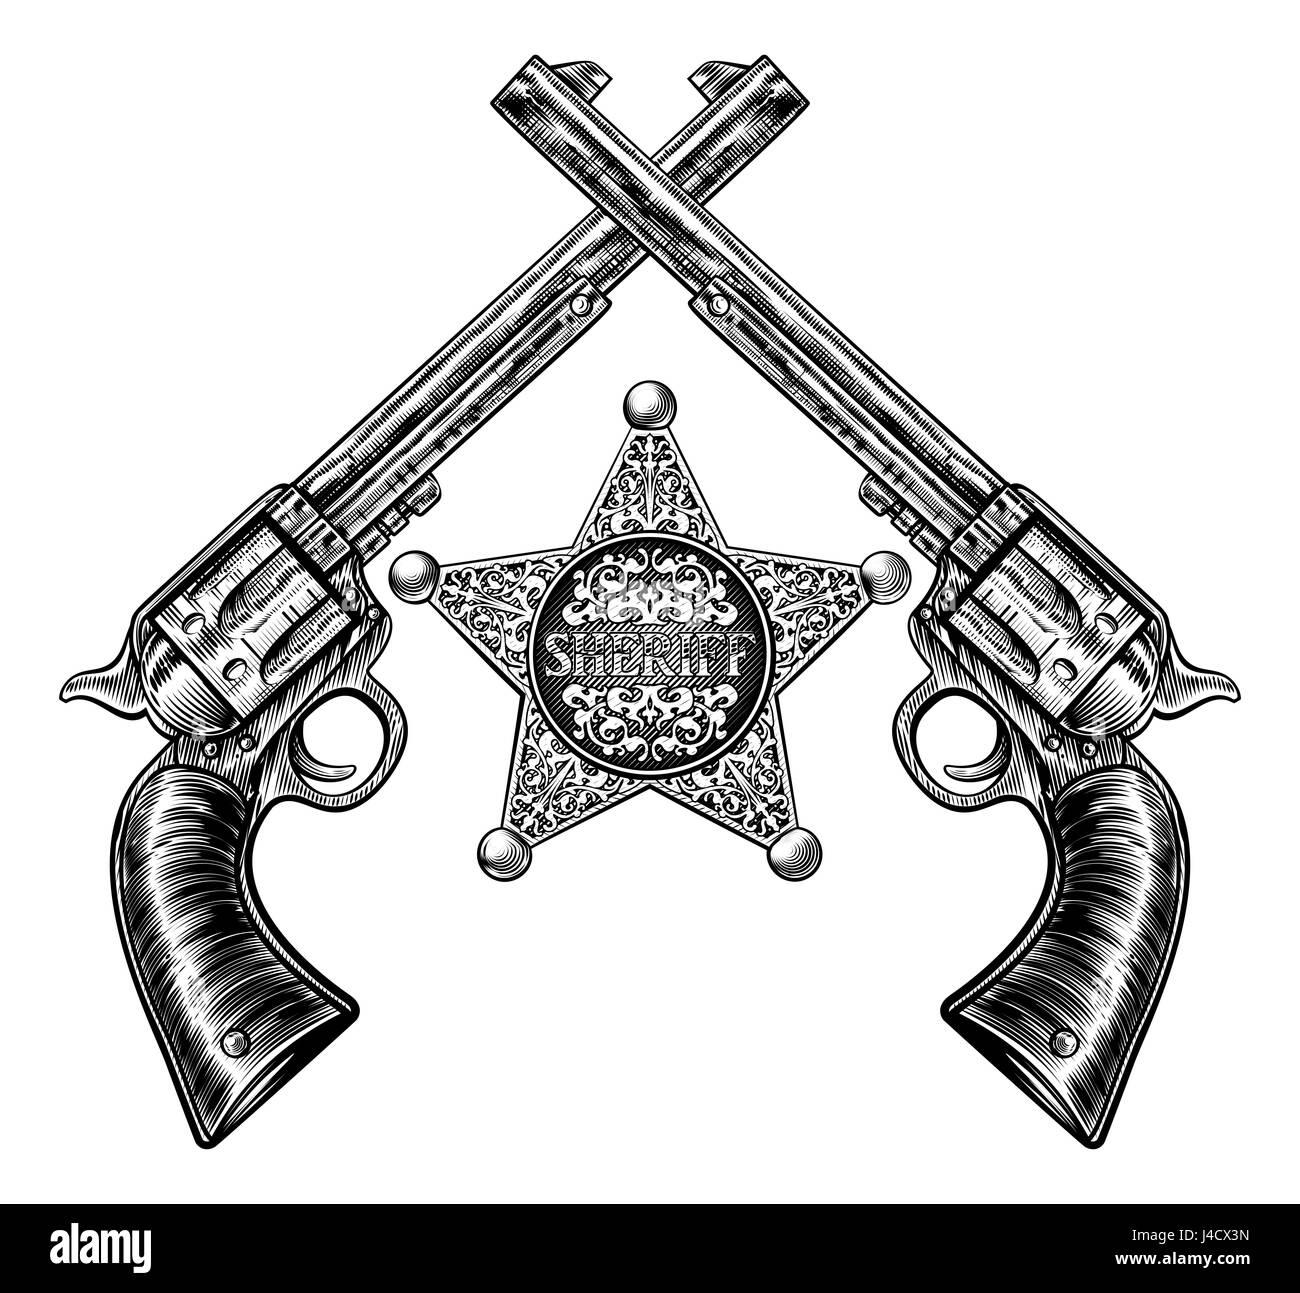 Una stella sheriff badge e coppia di attraversata revolver revolver pistole  disegnato in un vintage retrò 10d14bcf95cb